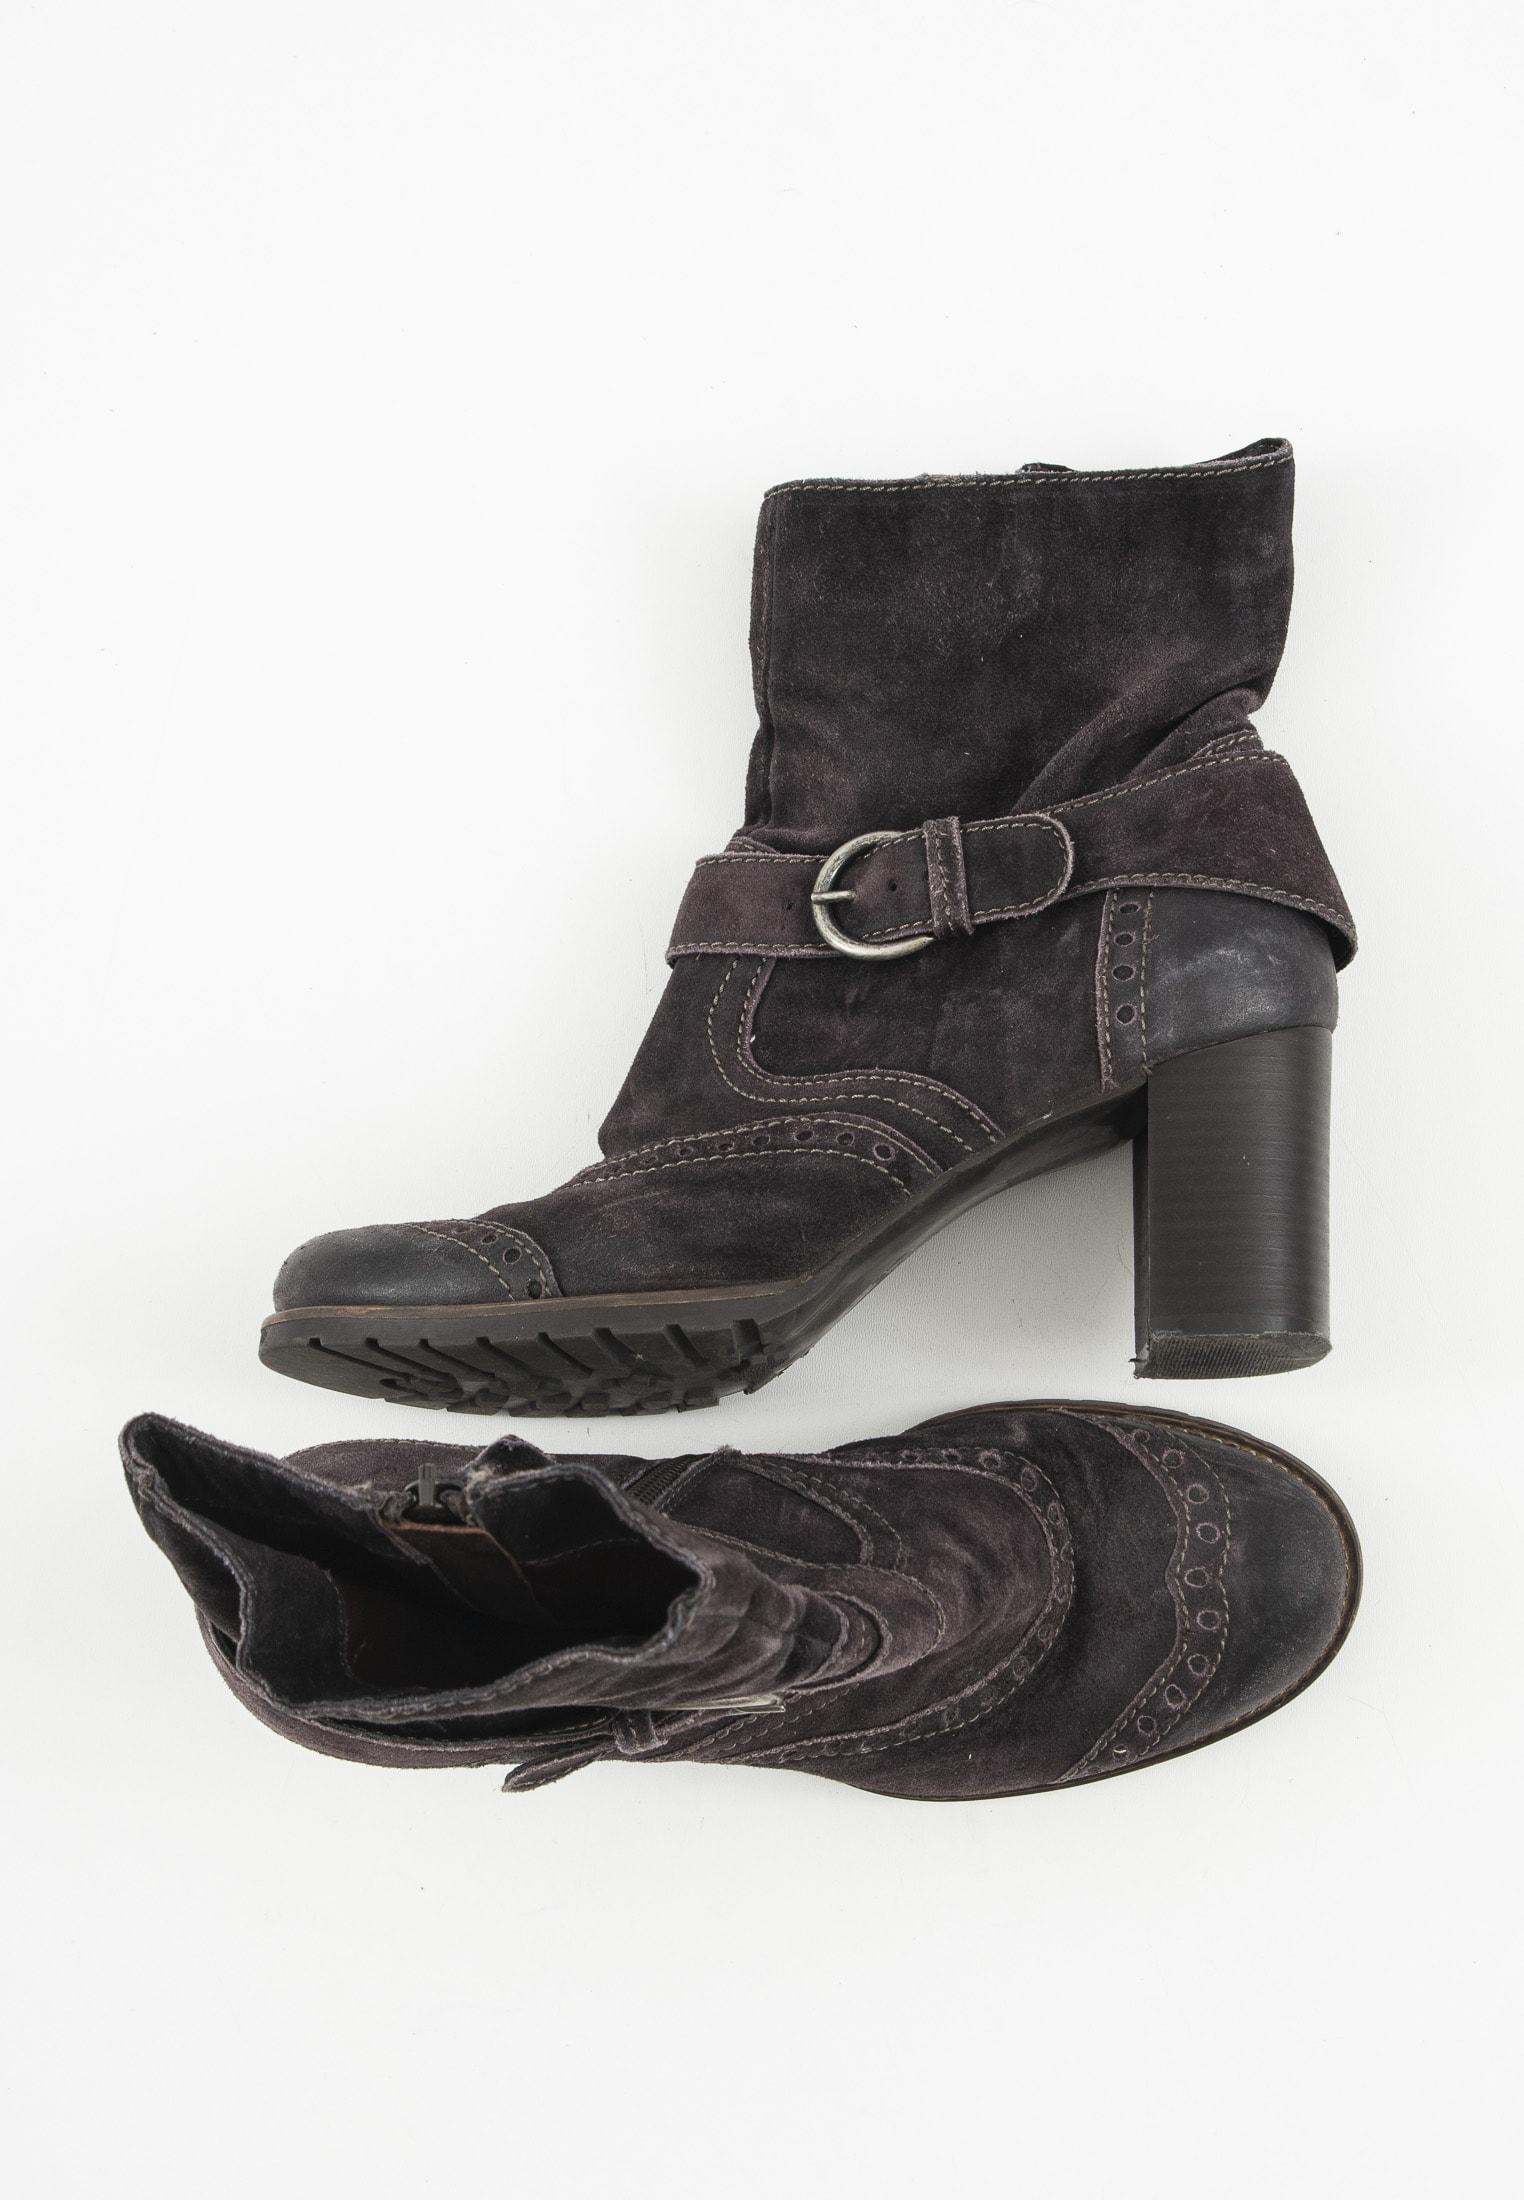 Belmondo Stiefel / Stiefelette / Boots Braun Gr.38